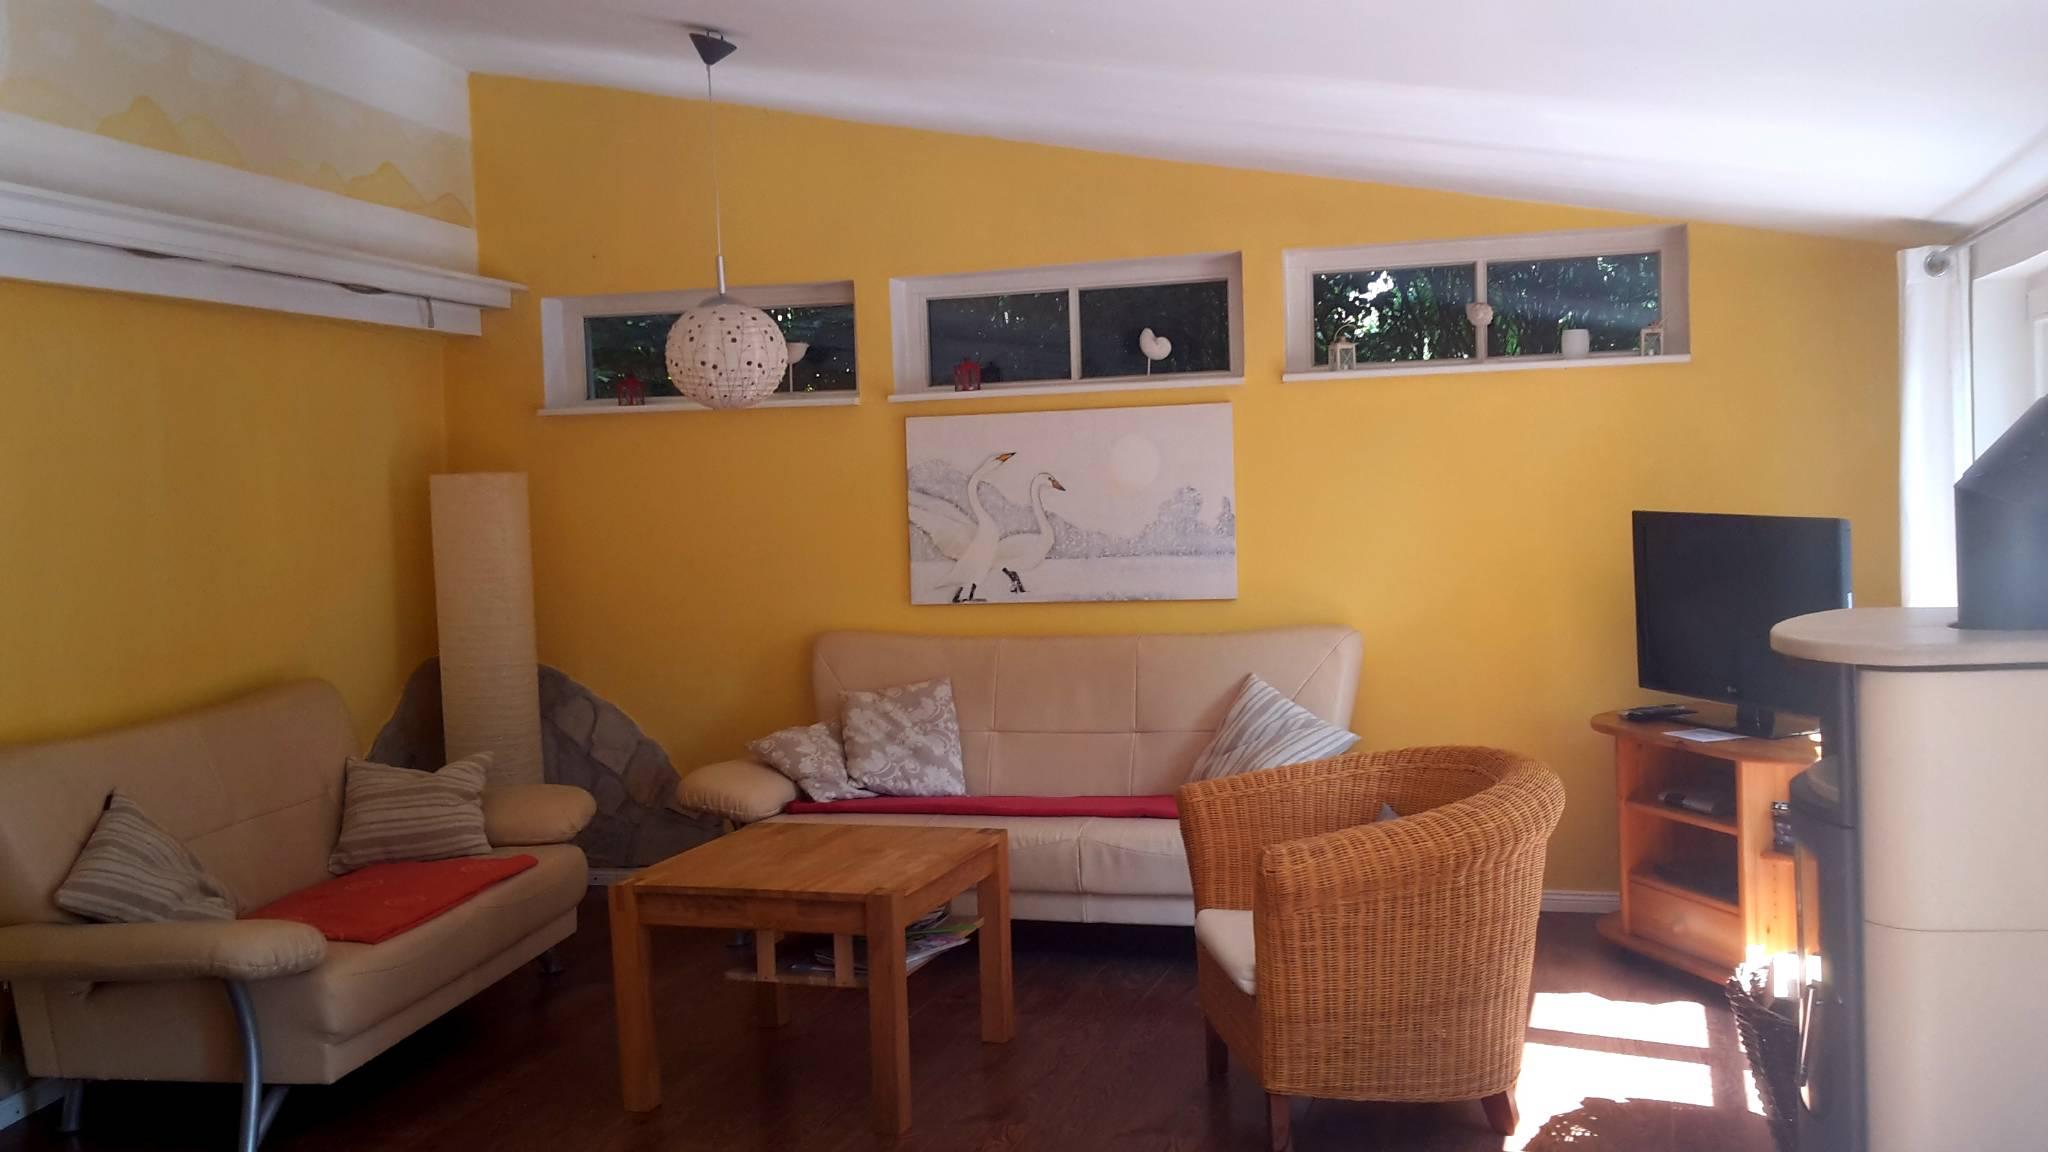 Yarial.com = Lila Zimmerwand ~ Interessante Ideen für die ...